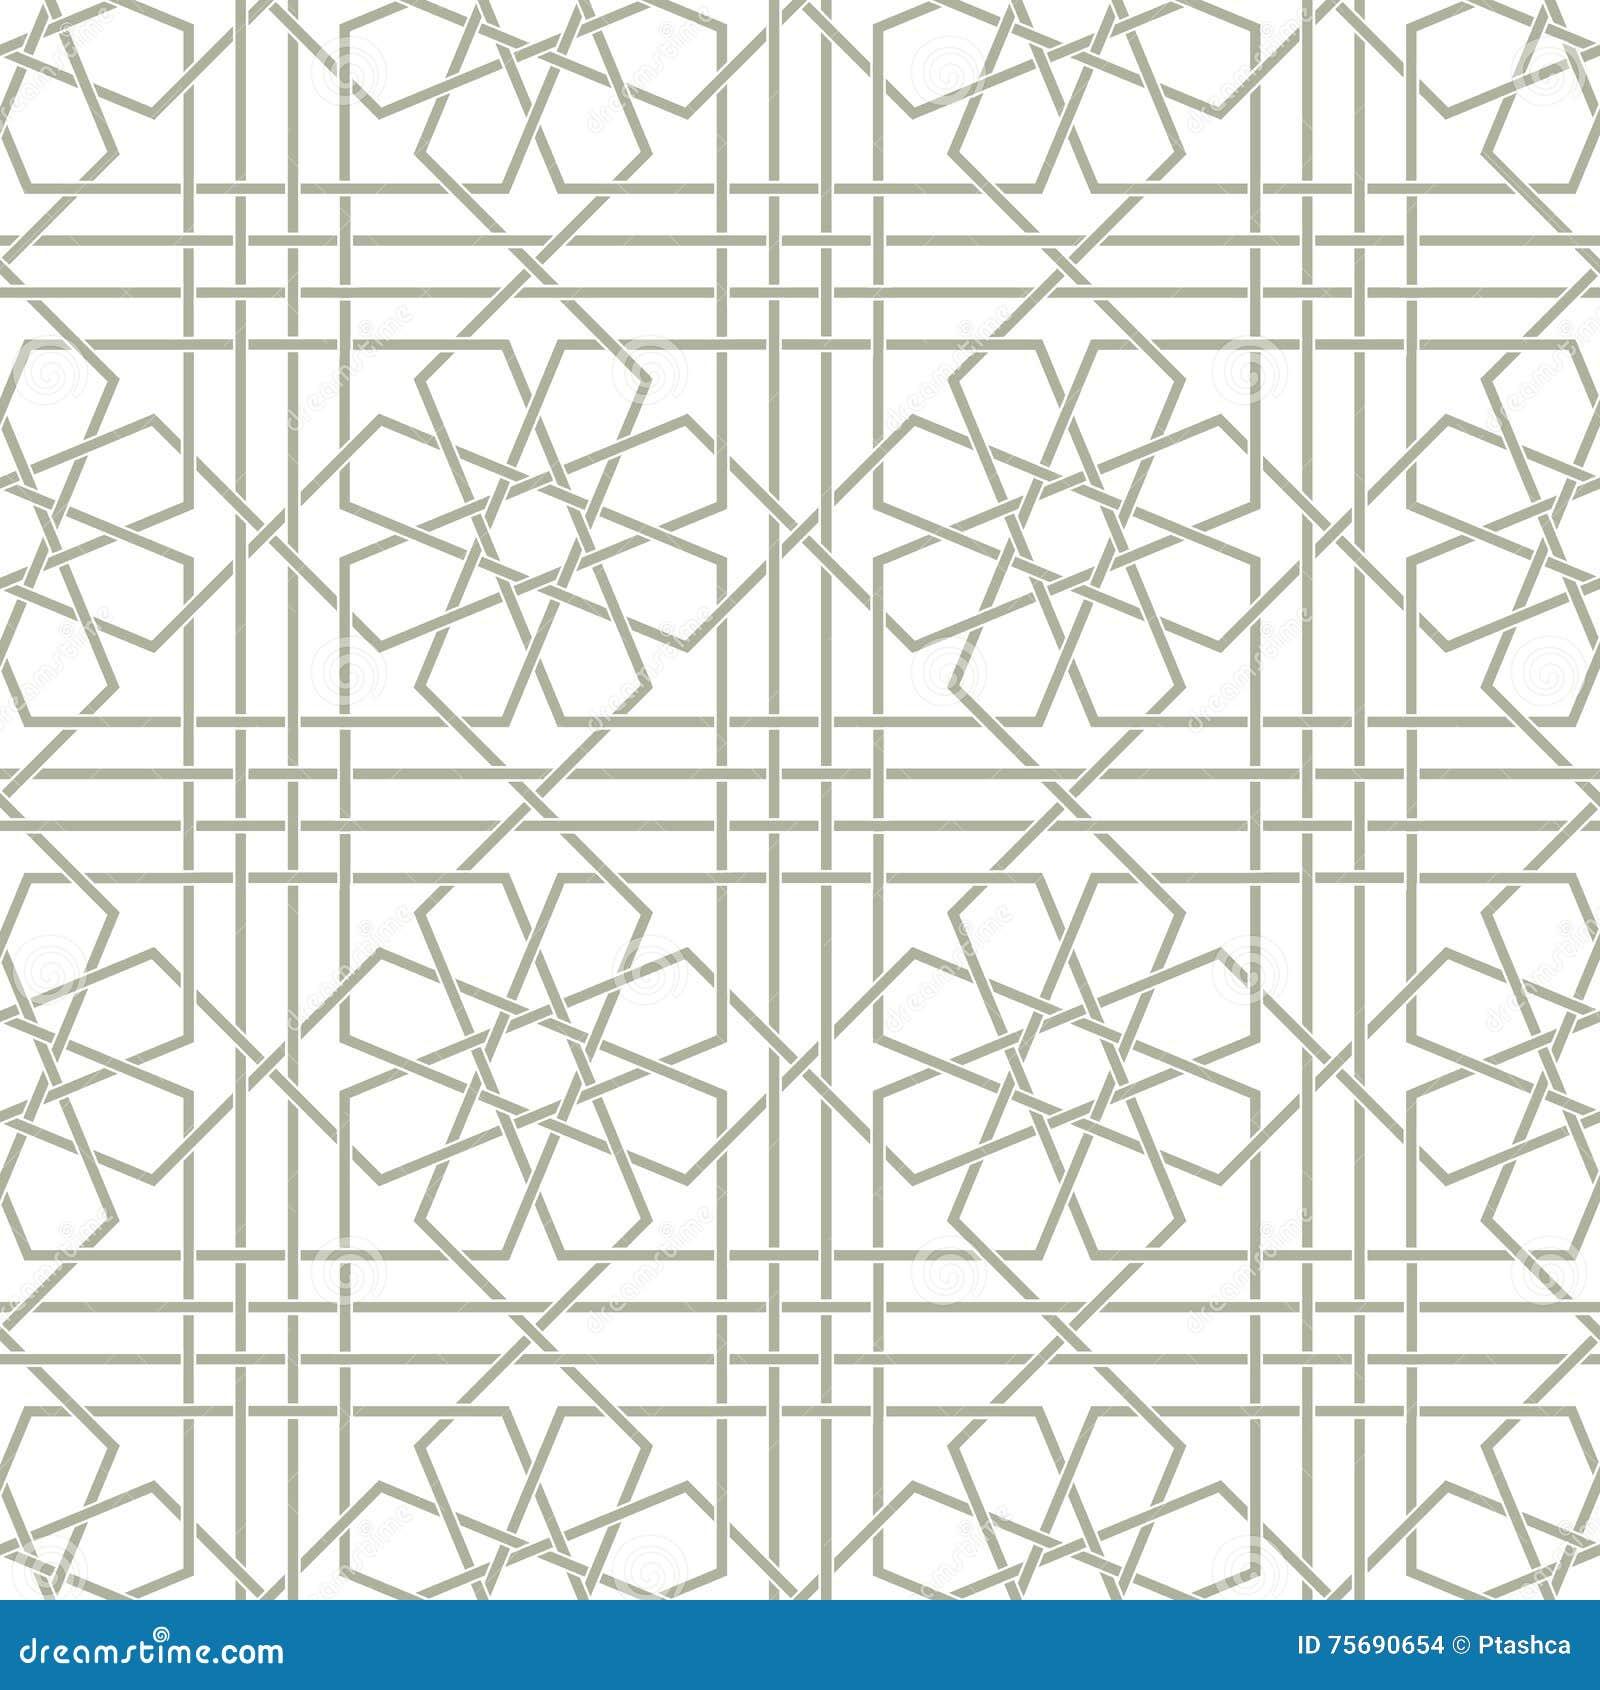 Papier Peint Pour Bureau ornement arabe traditionnel sans couture pour votre